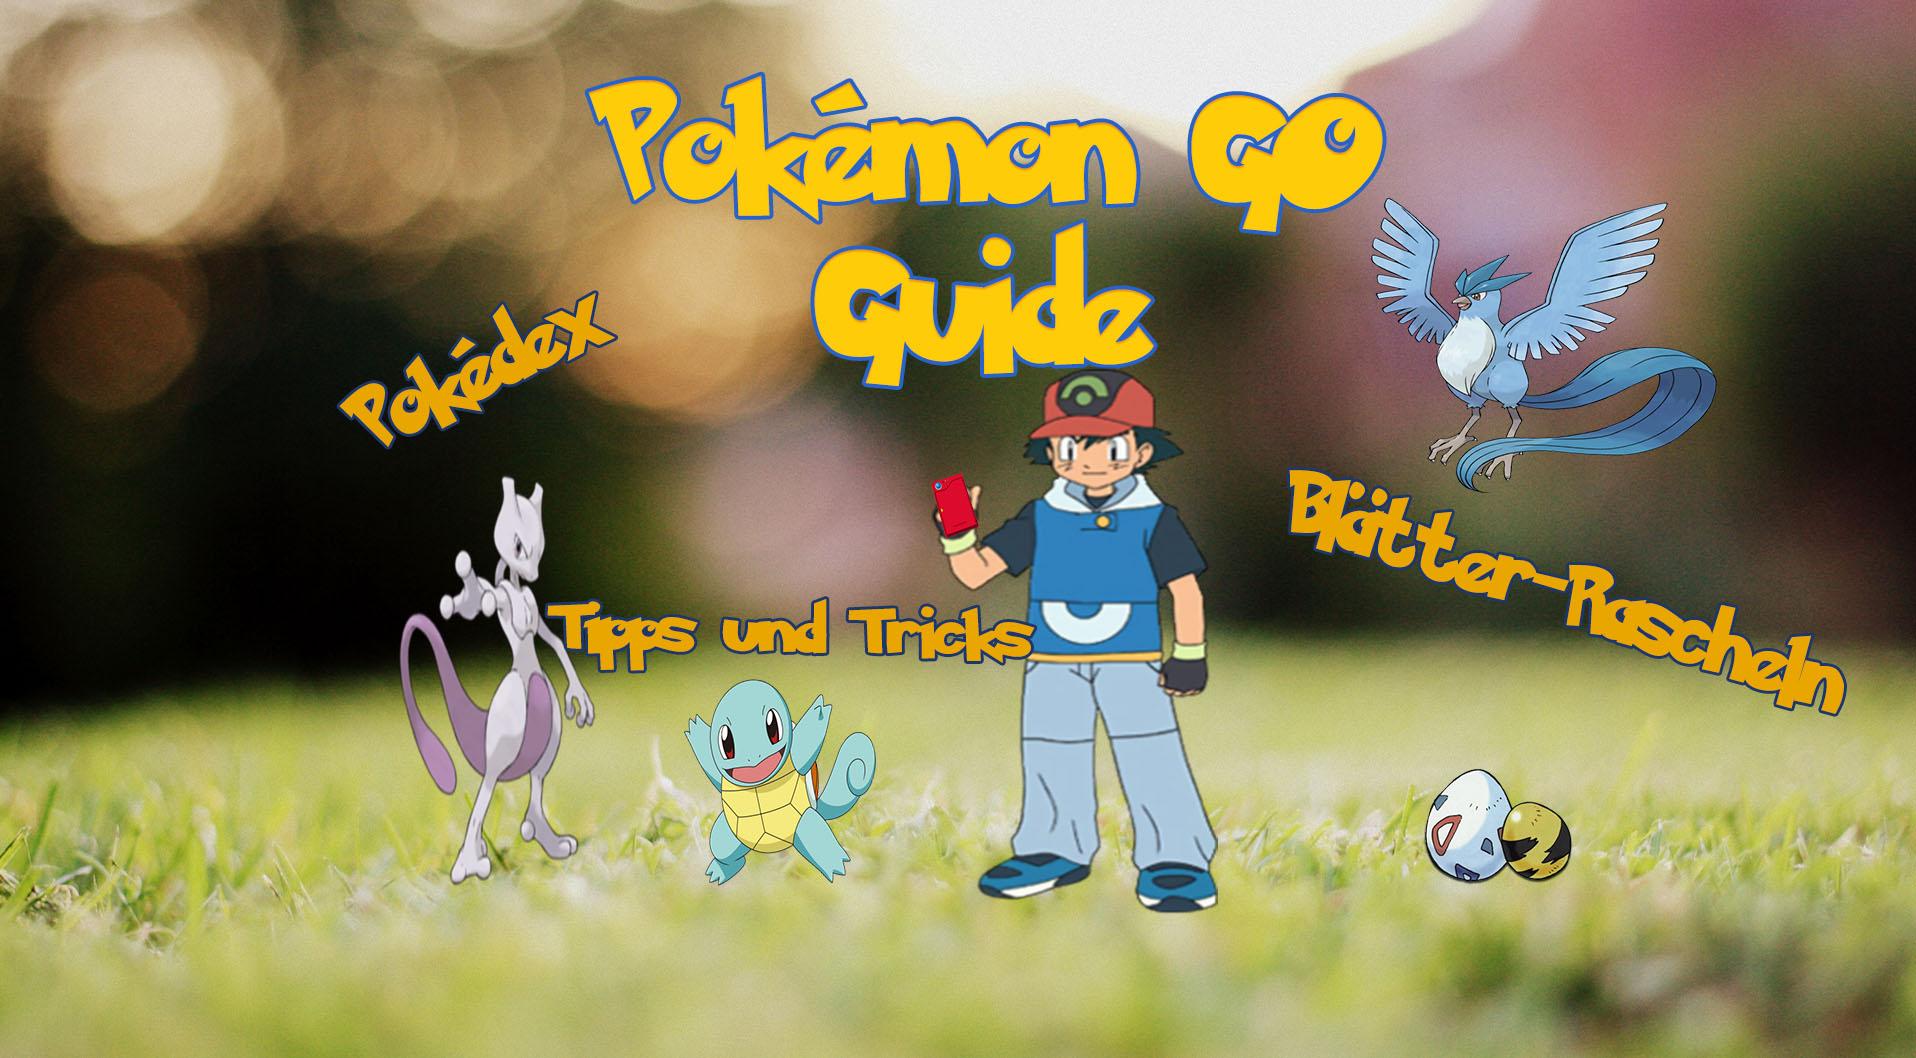 Pokémon GO Anleitung: Tipps und Tricks für Trainer und Anfänger